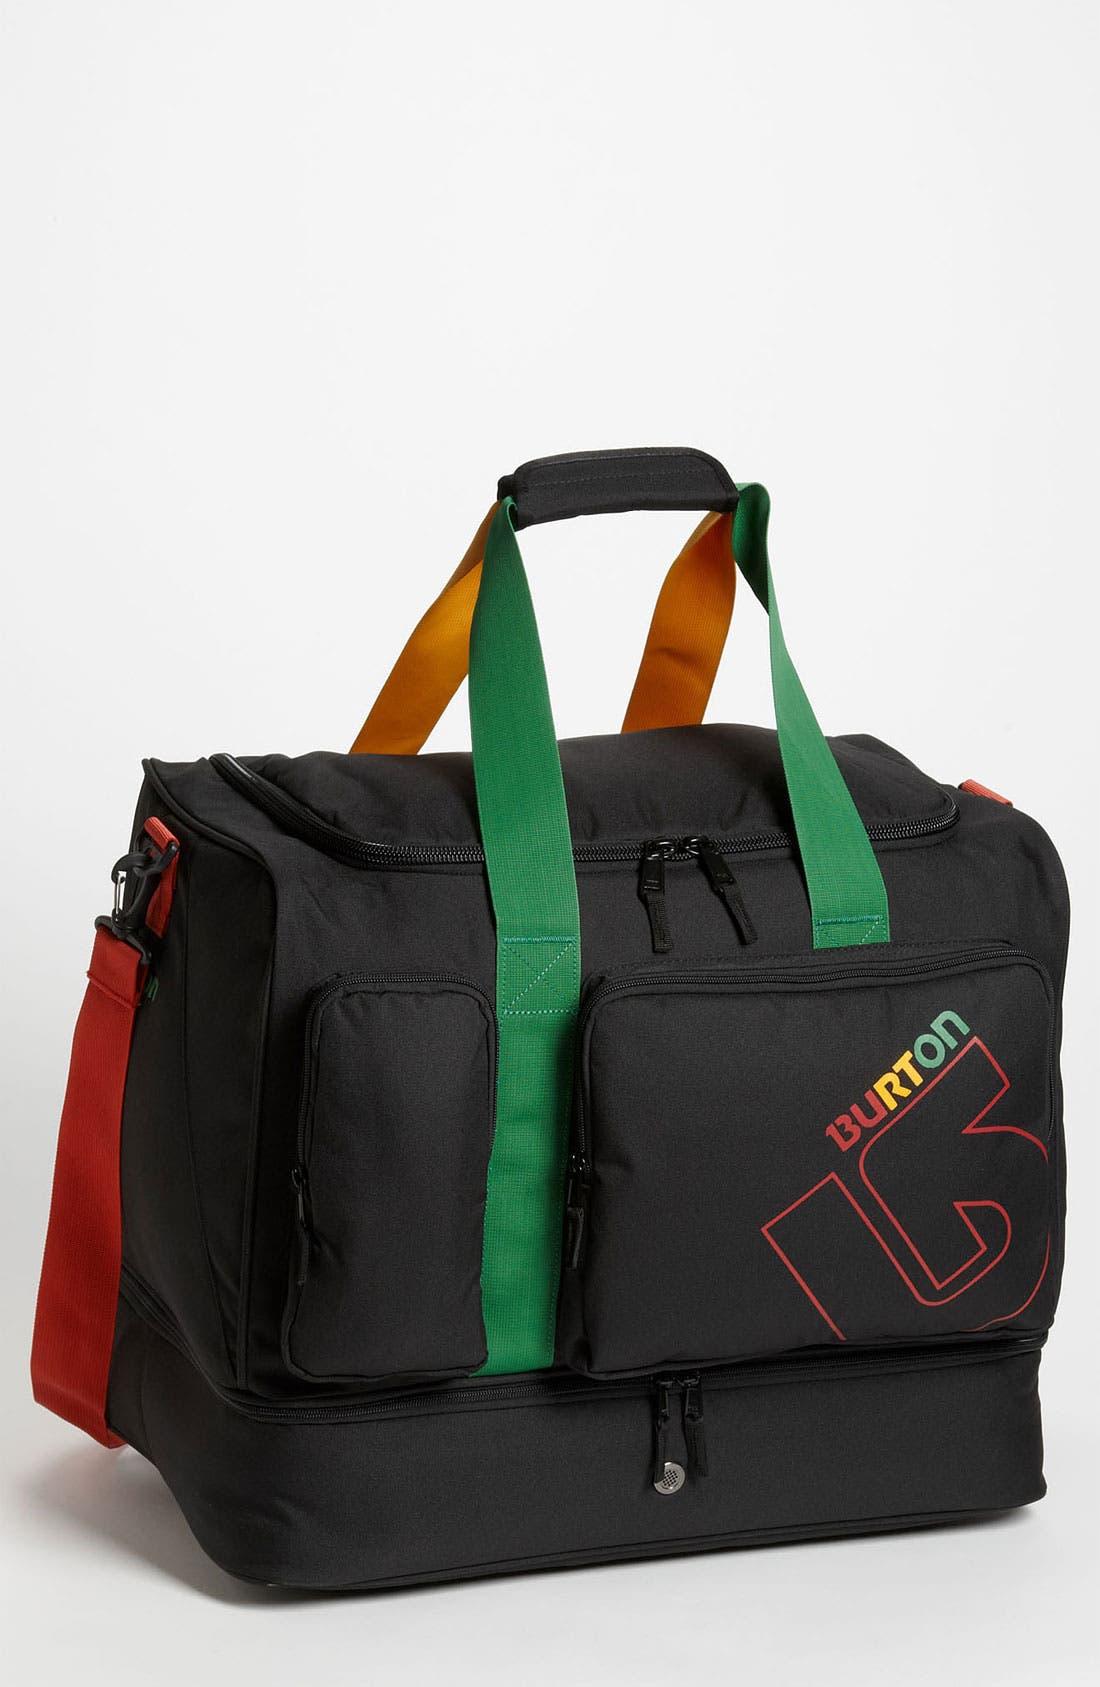 Alternate Image 1 Selected - Burton 'Riders' Duffel Bag